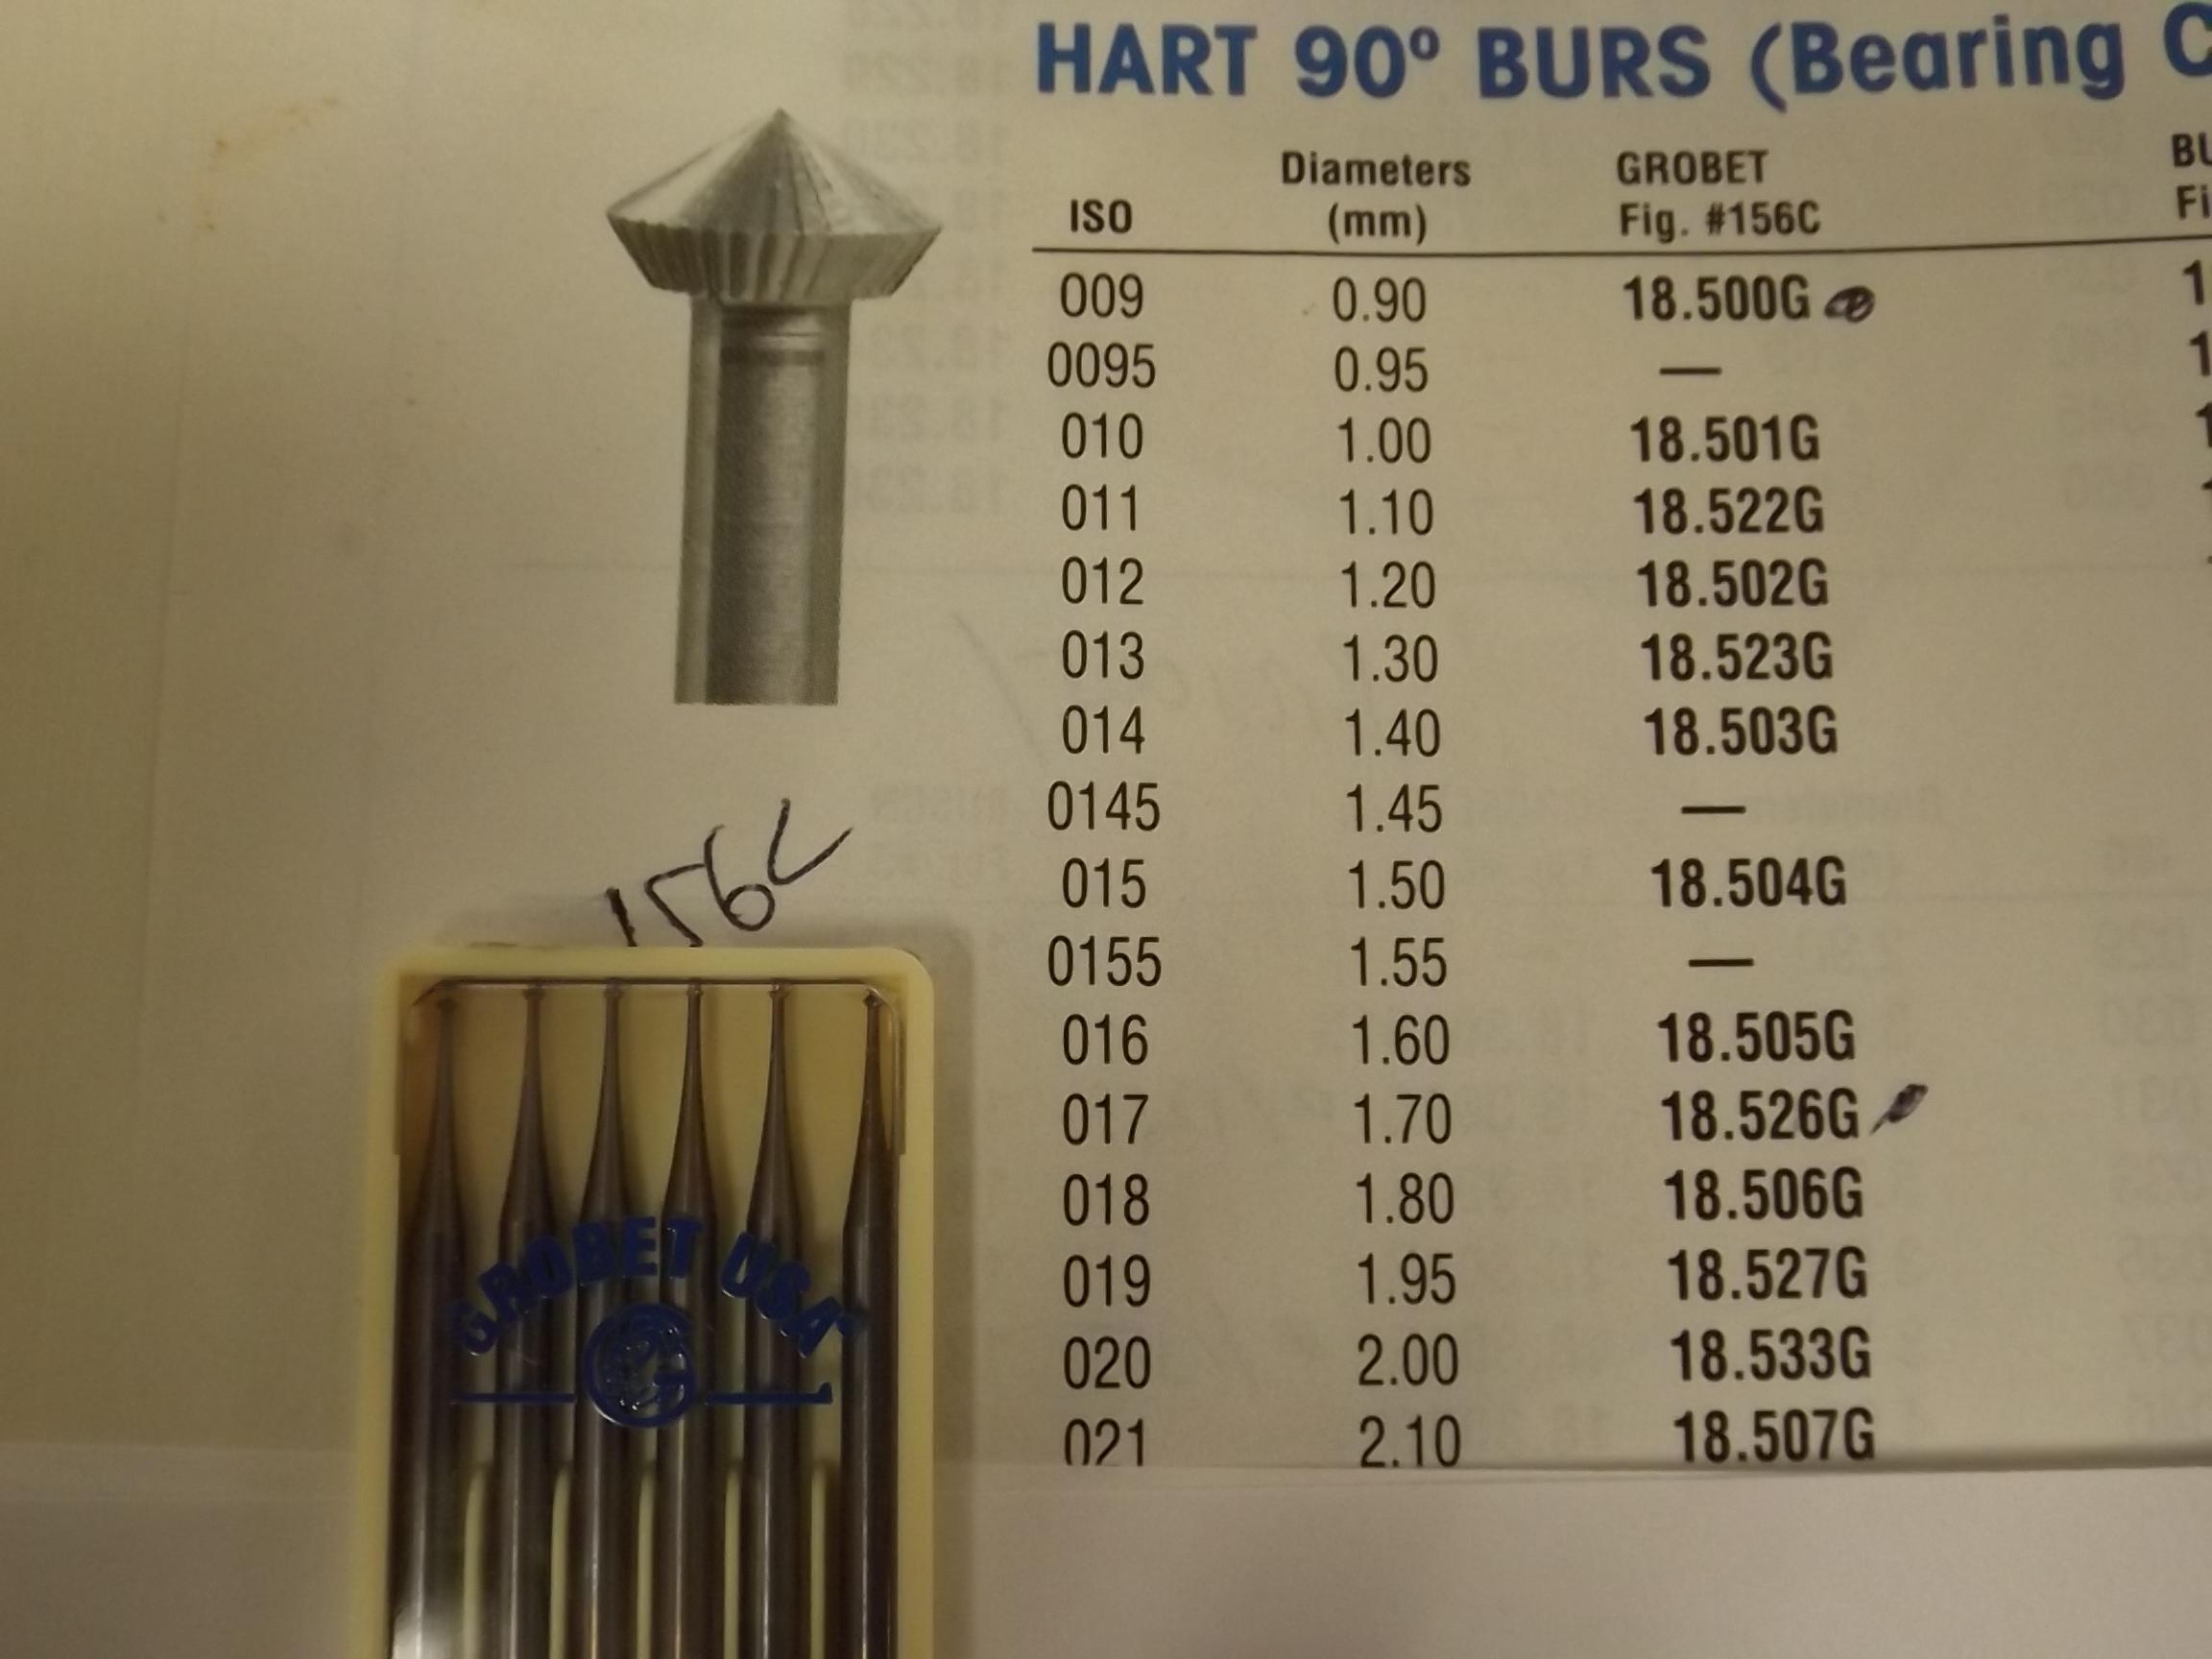 BR18.515G Hart 90* (Bearing Cutters) Burs- Grobet Brand--1 pkg of 5 left!